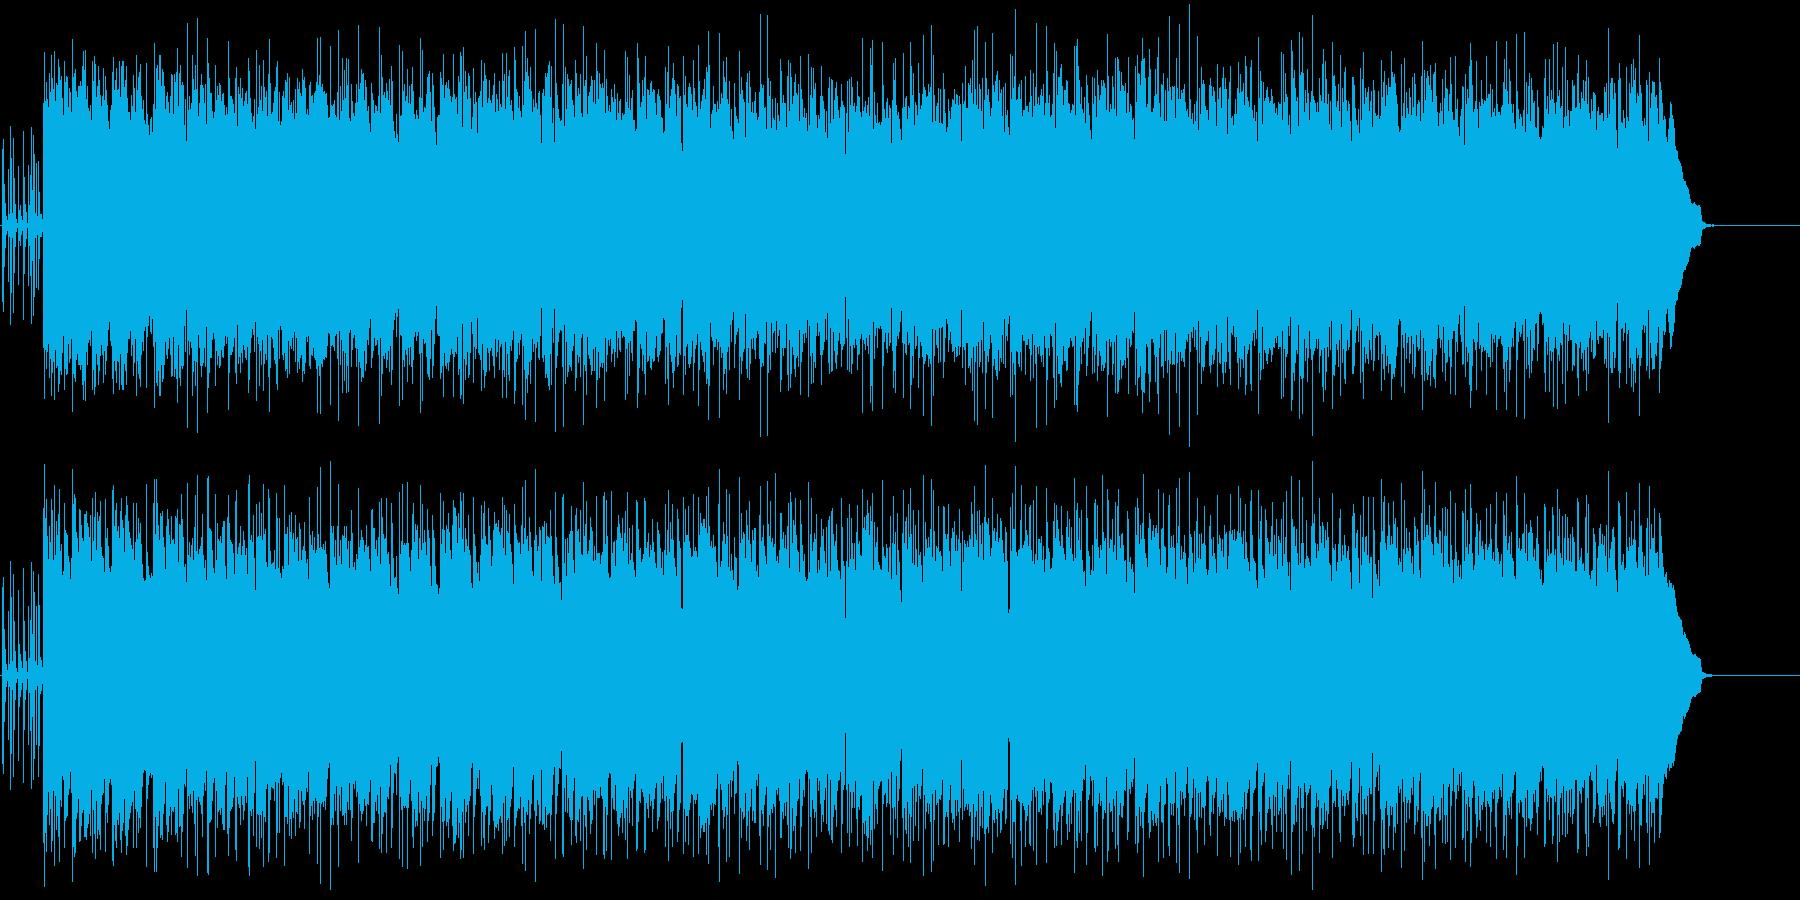 ポップ・カントリー(明るく軽快)の再生済みの波形